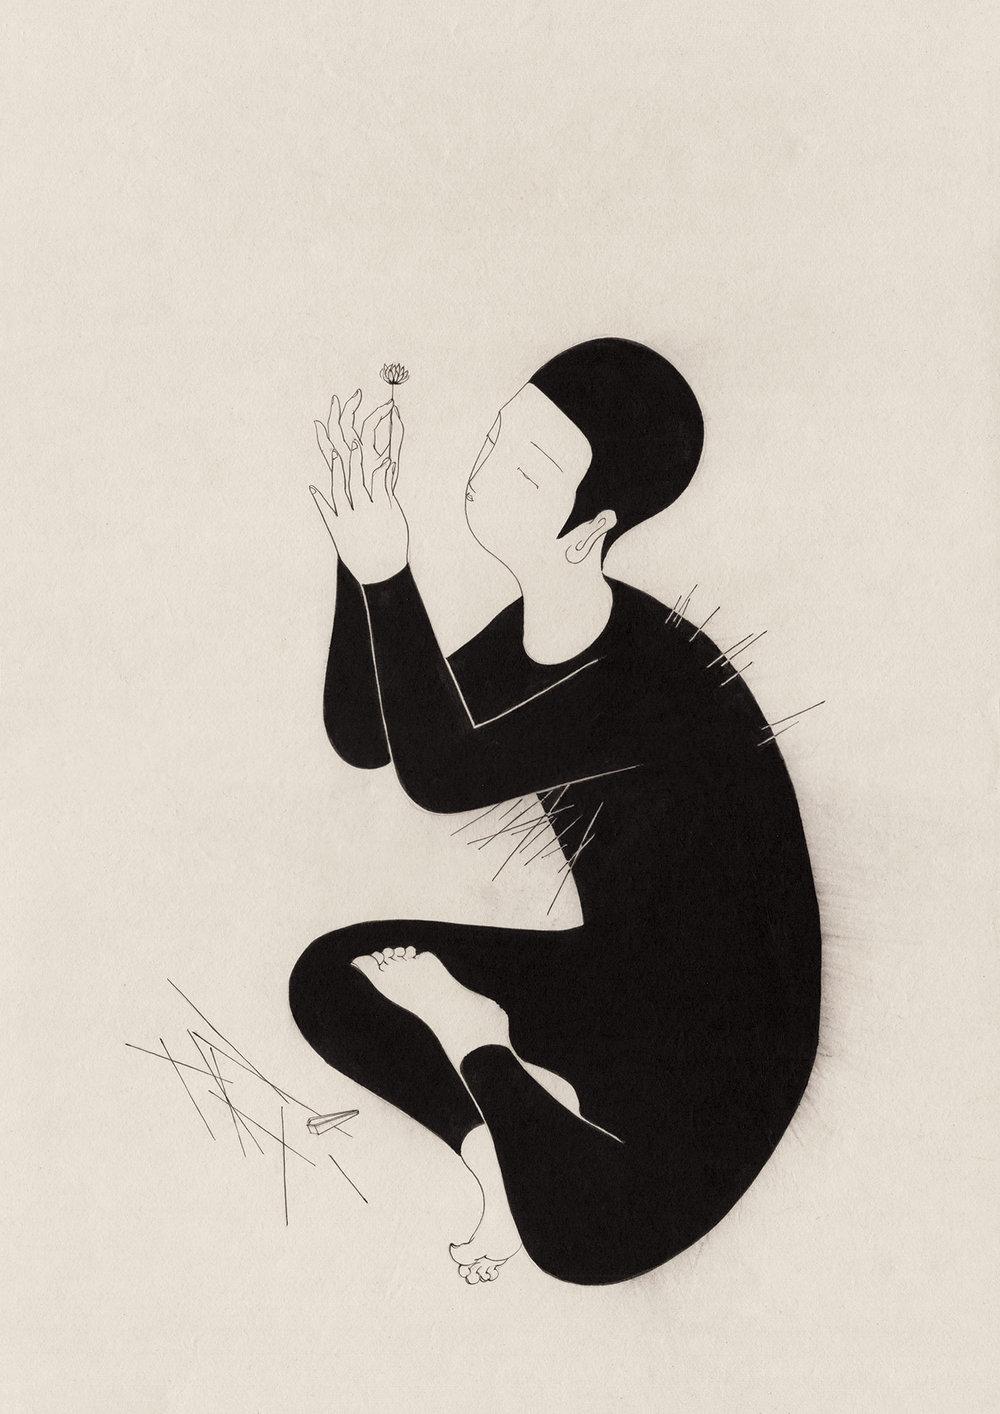 첨단의 고통 / Edge of pain Op.0182P -29.7 x 42 cm,한지에 먹 / Korean ink on Korean paper, 2017